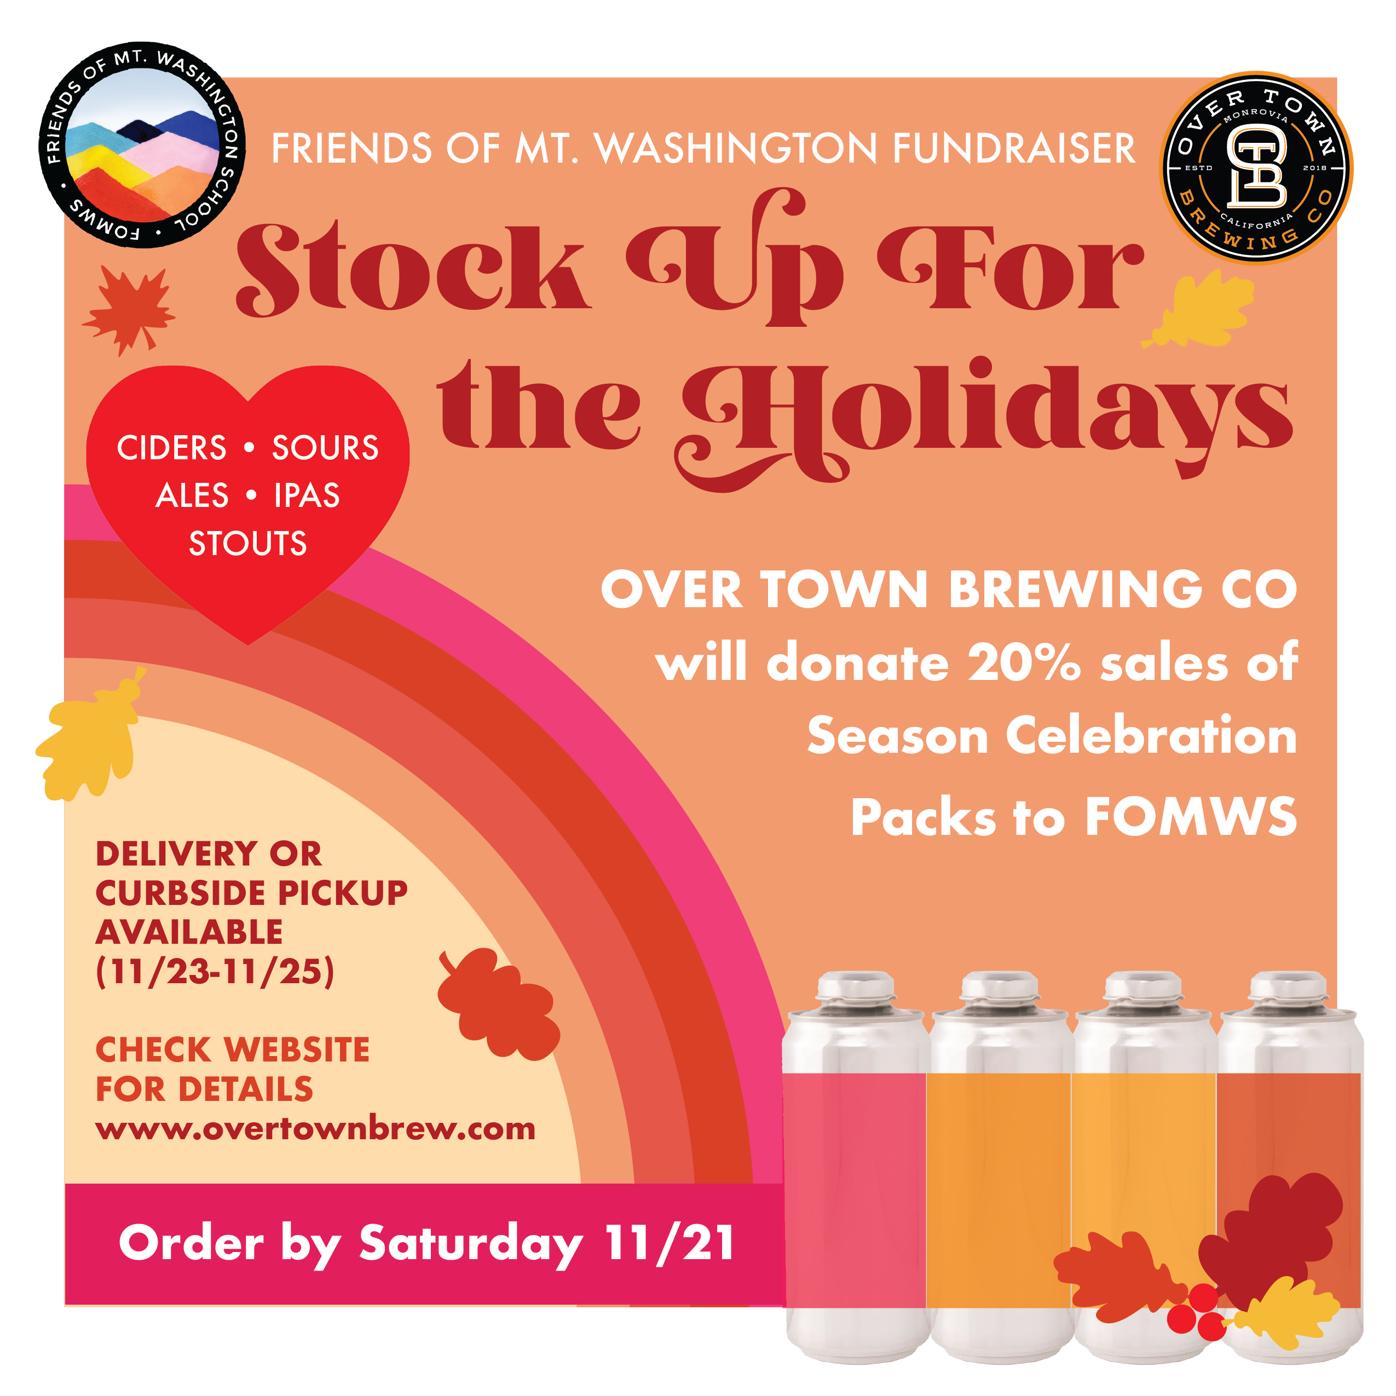 Mount Washington School Fundraiser: stock up for holidays image 1